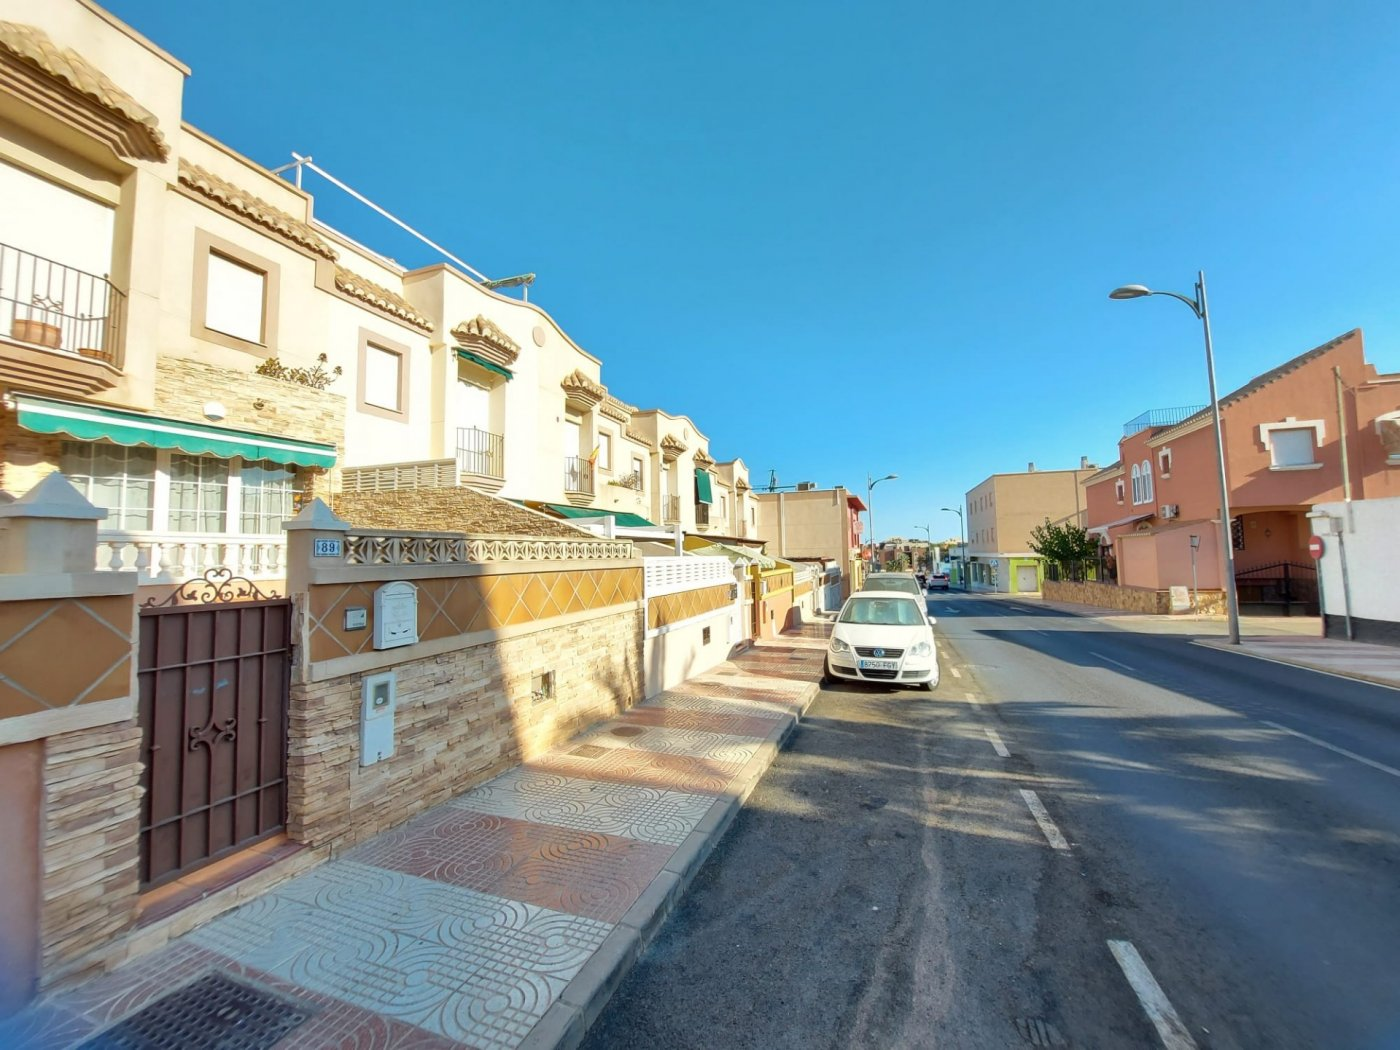 Adosado en Aguadulce Almeria